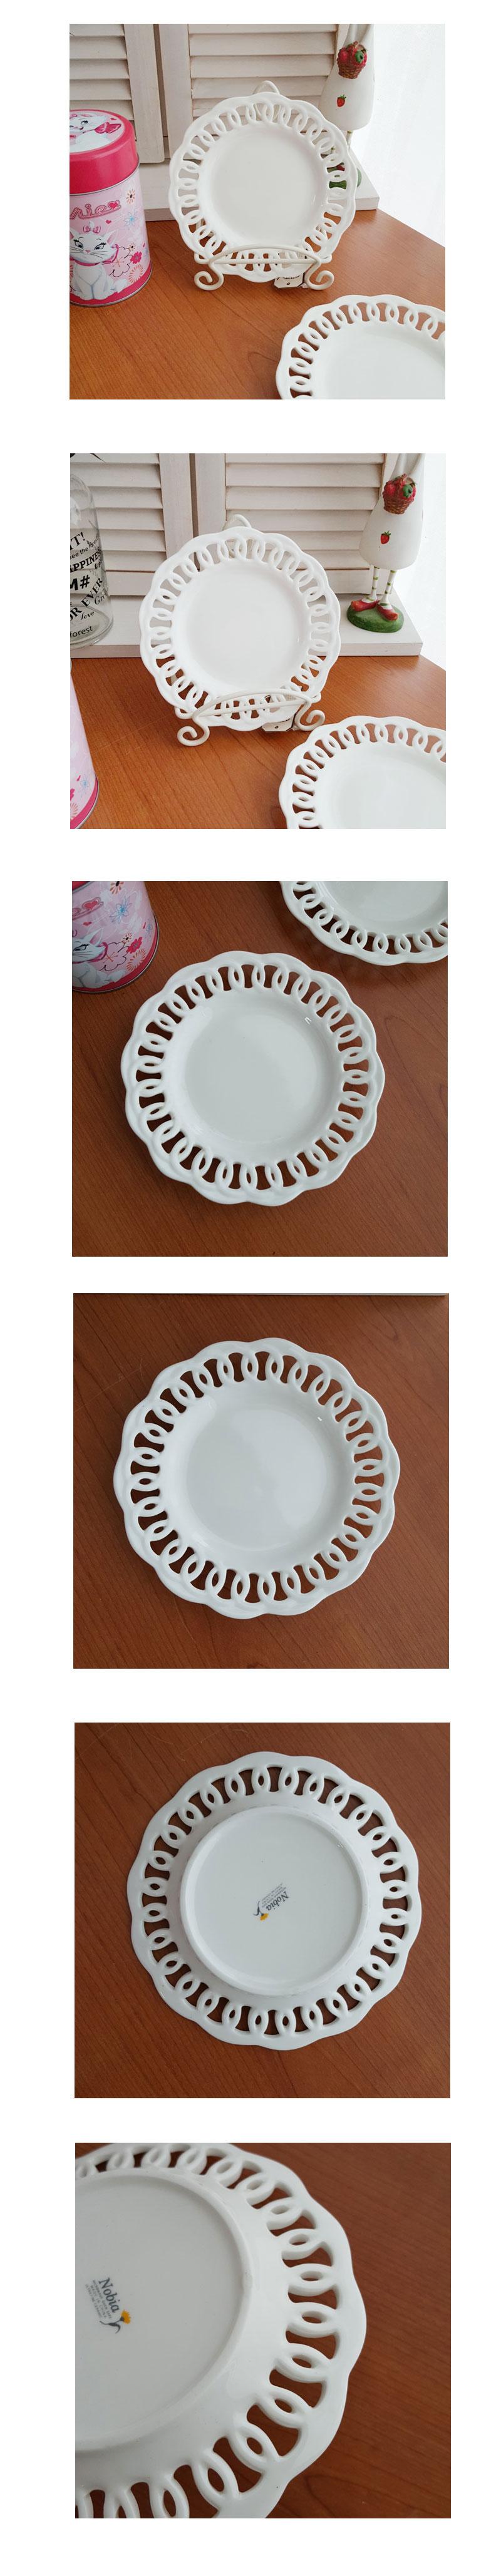 레이스 접시 1p - 안나하우스, 14,000원, 접시/찬기, 접시